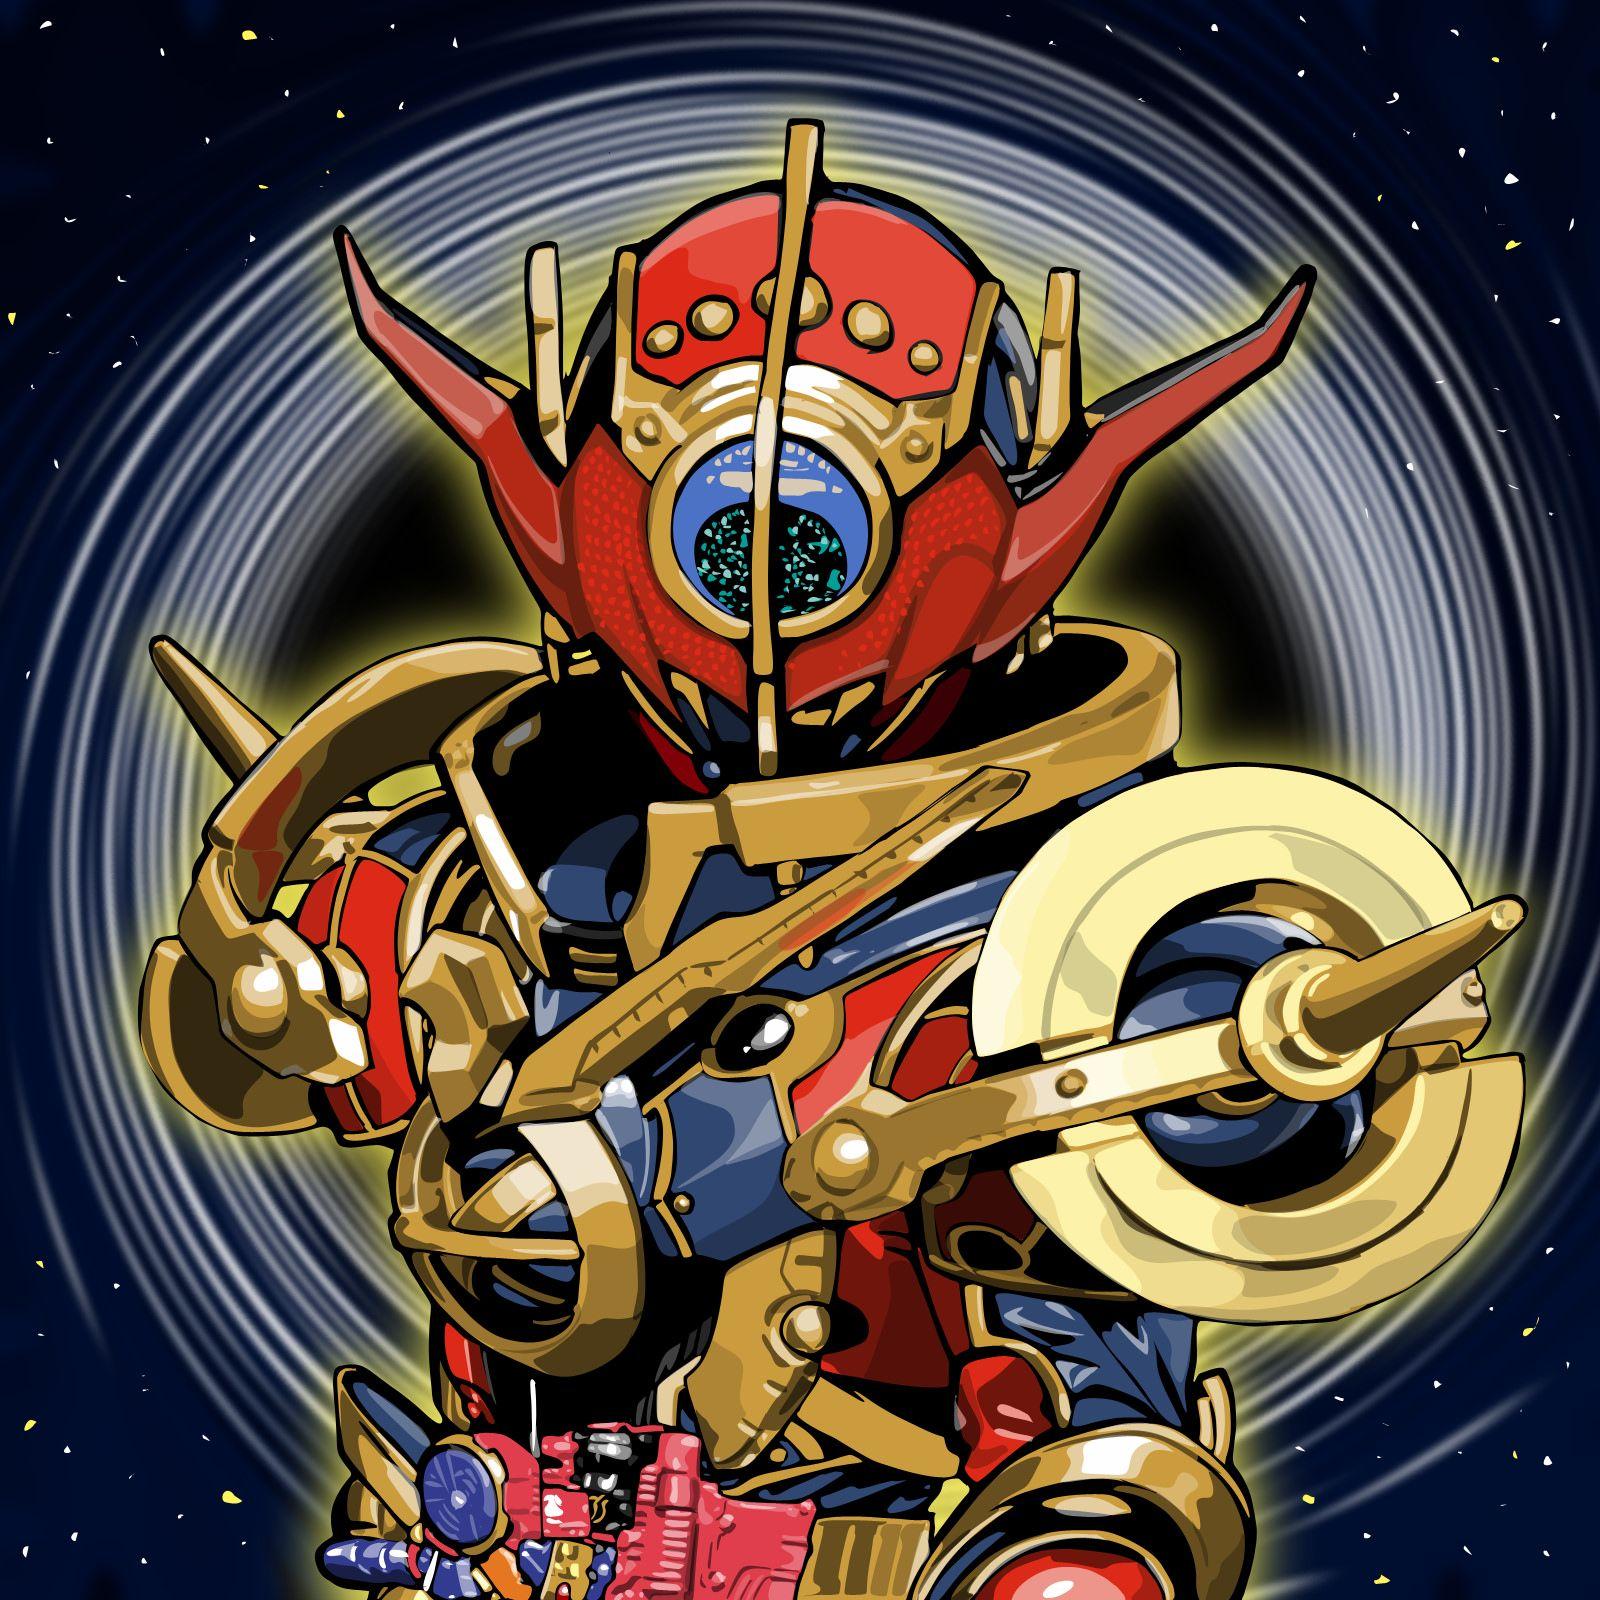 仮面ライダーエボル Kamen rider, Anime, Anime characters